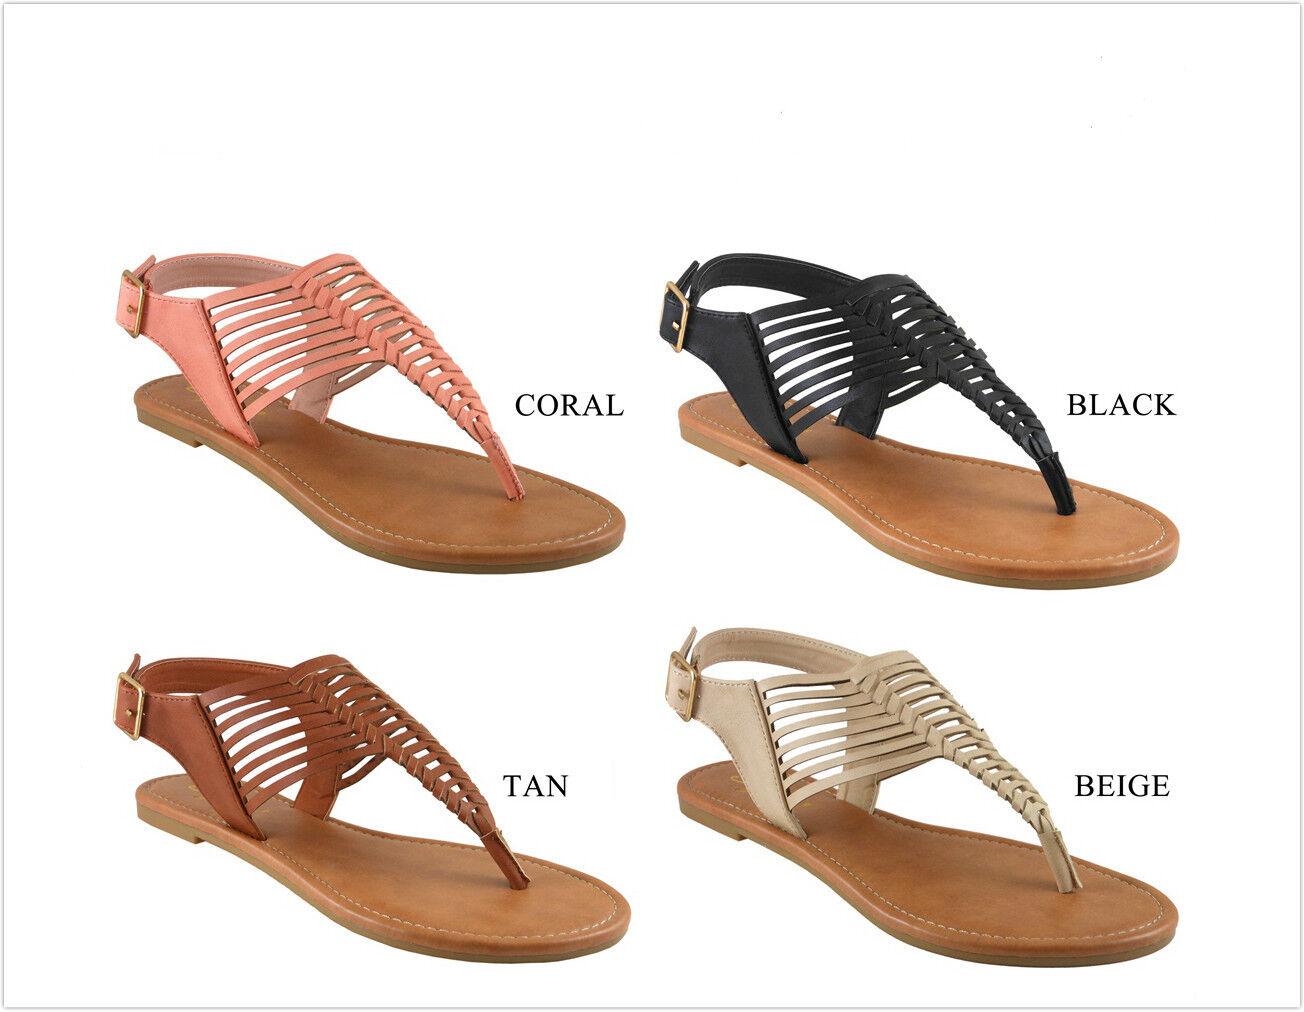 Brand New Women's Fashion - Strips Sandal Shoes Size 6 - Fashion 10 dee2cf